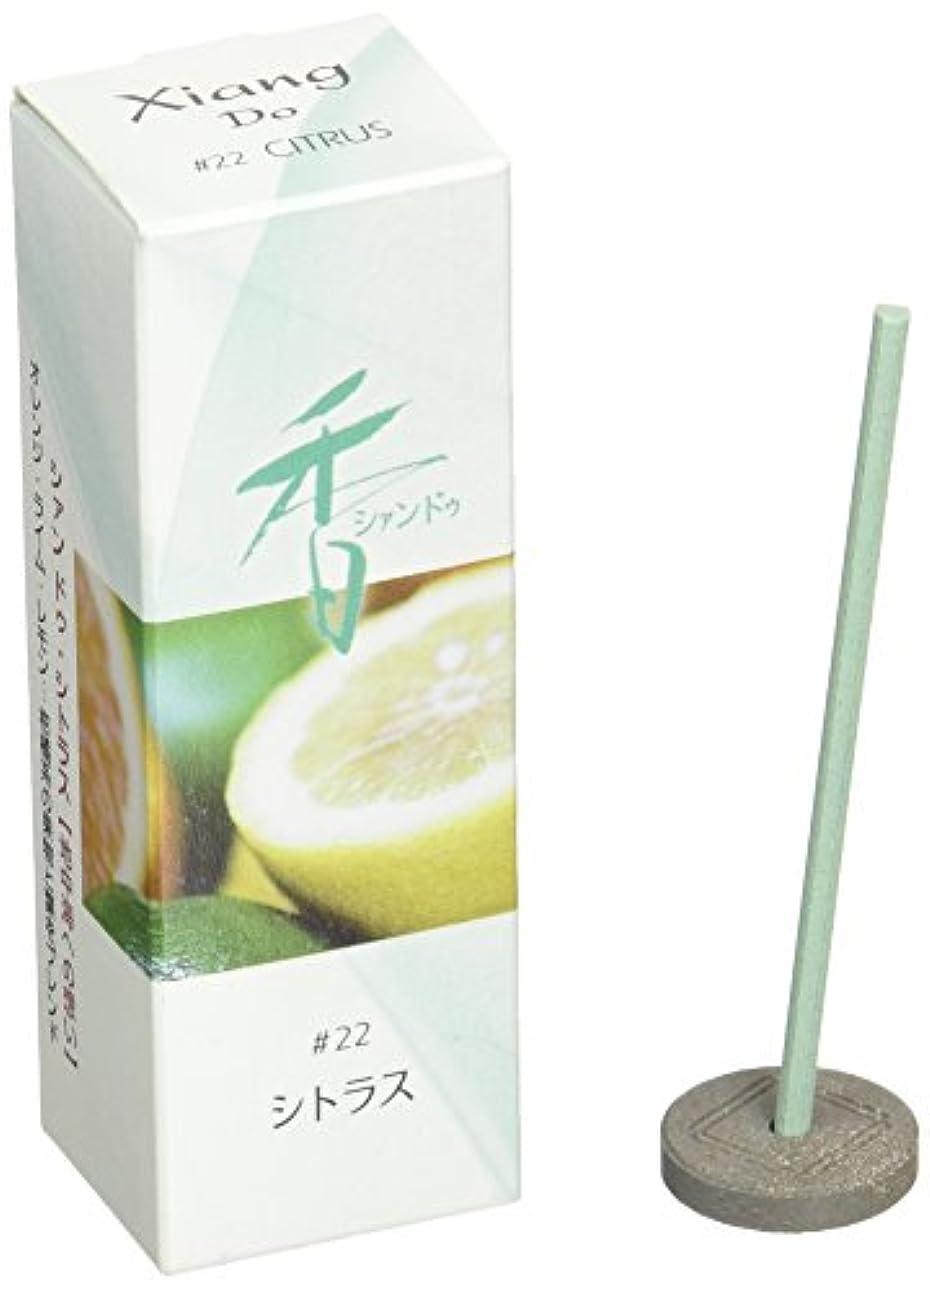 八比較簡単に松栄堂のお香 Xiang Do(シャンドゥ) シトラス ST20本入 簡易香立付 #214222